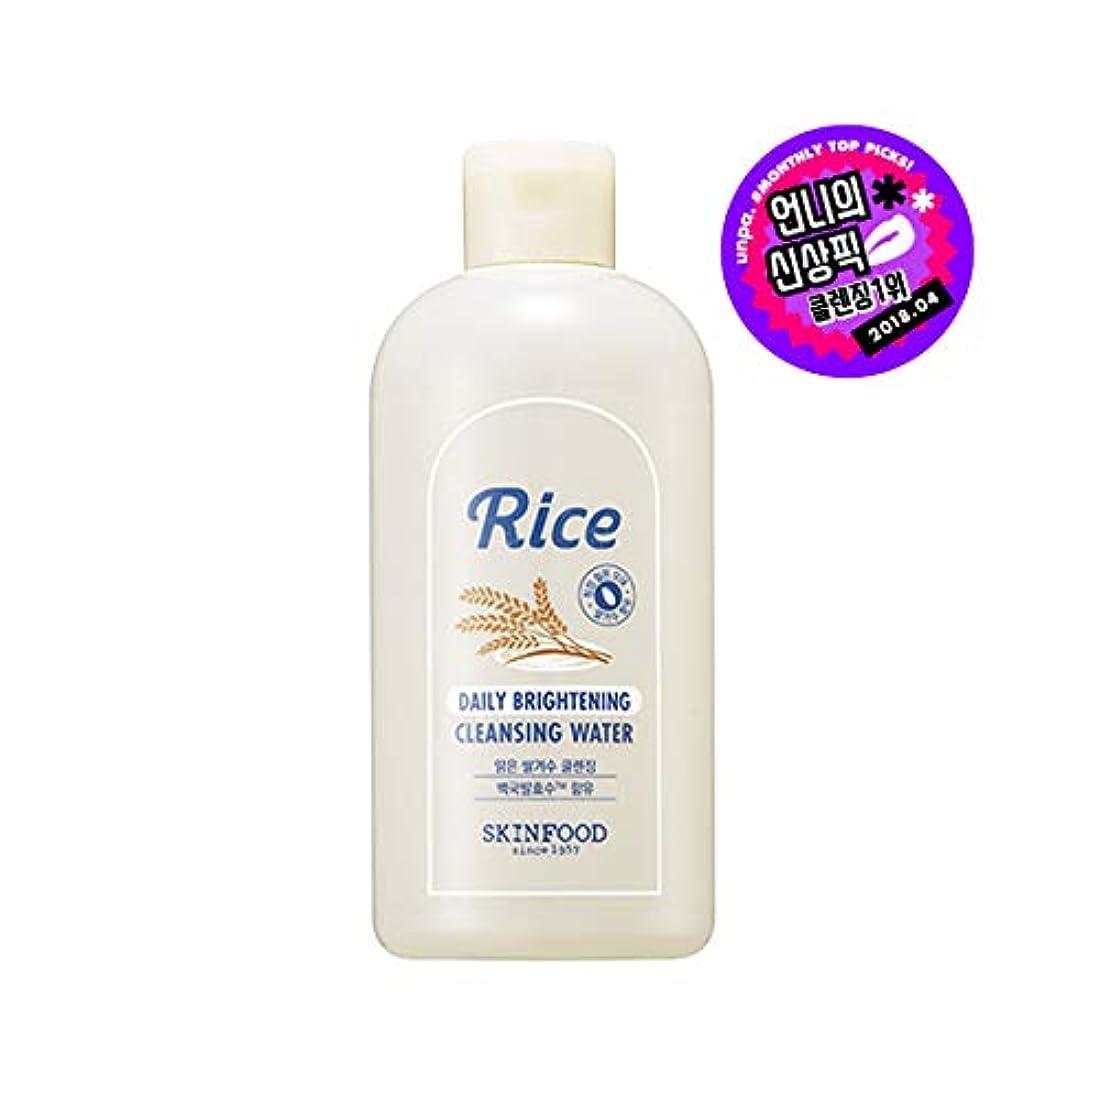 報告書便宜情熱Skinfood/Rice Daily Brightening Mask Cleansing Water/ライスデイリーブライトニングマスククレンジングウォーター/300ml [並行輸入品]